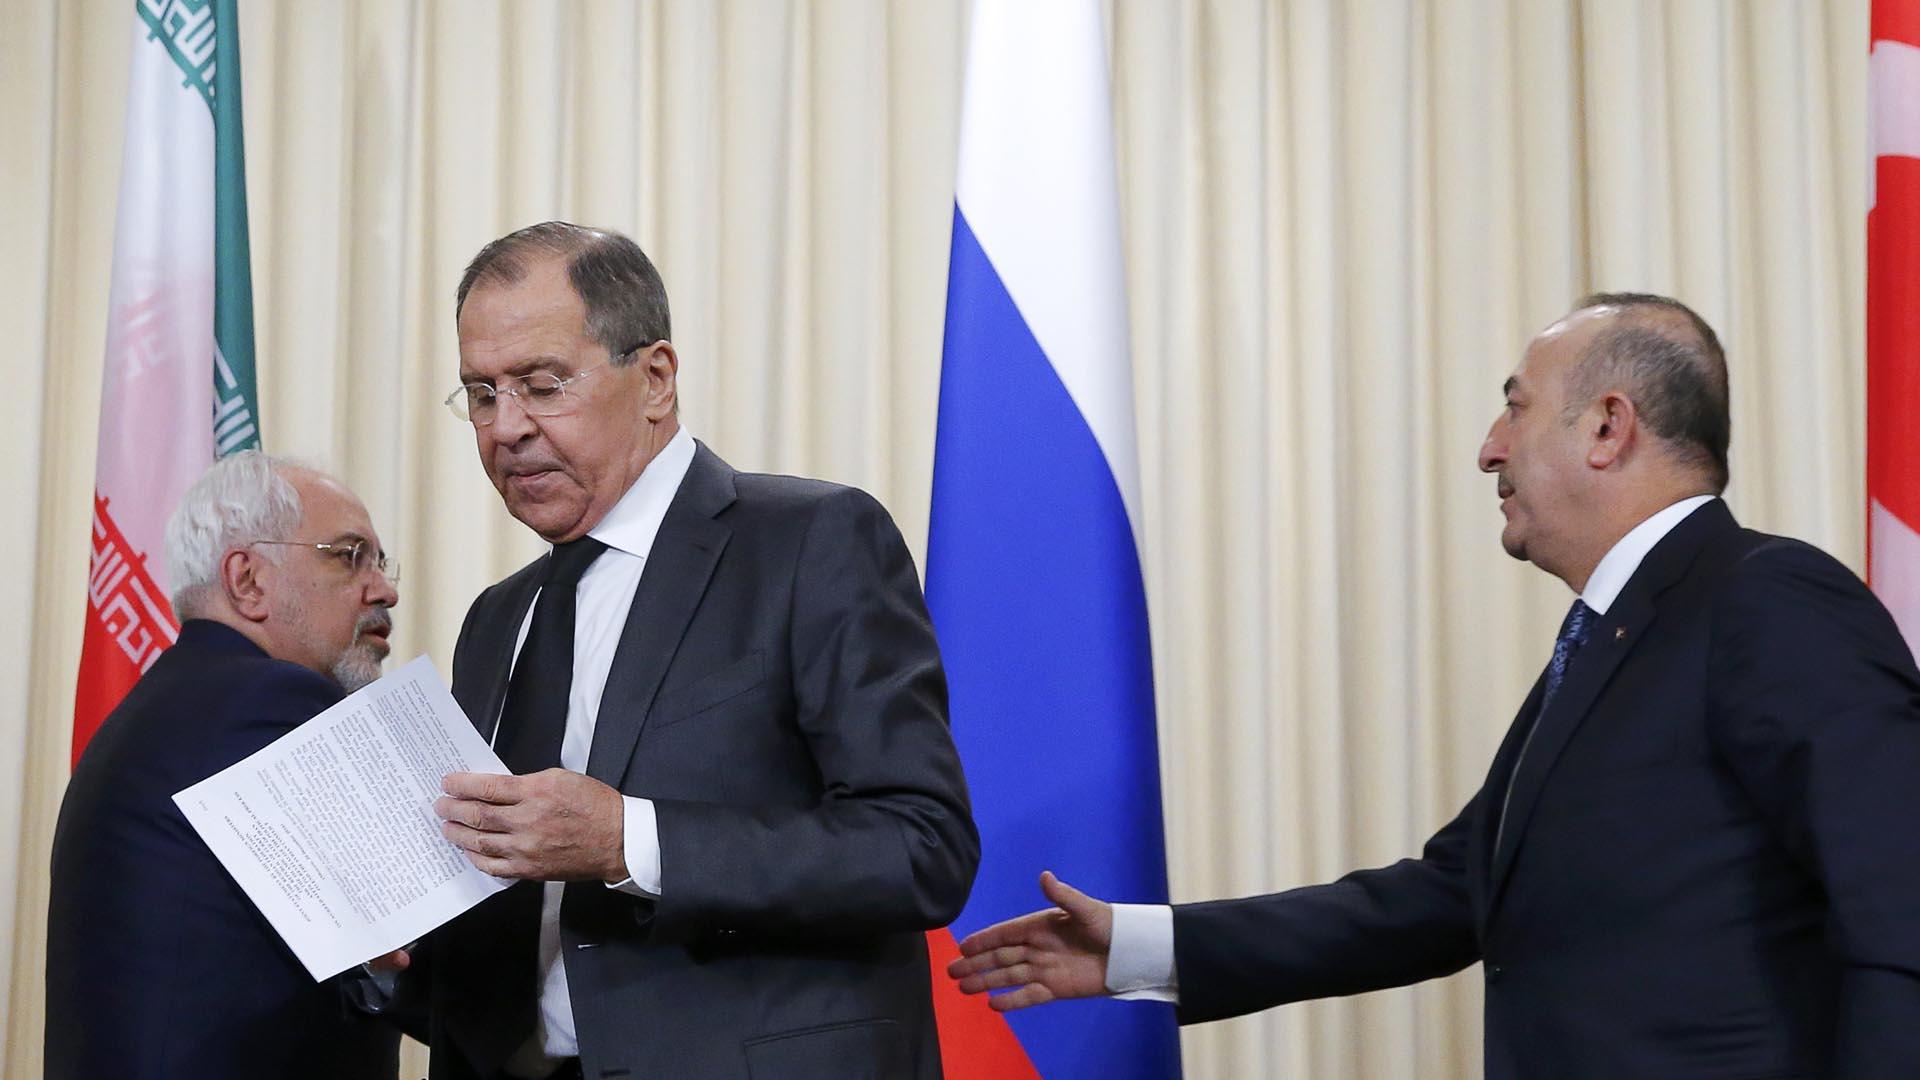 Los ministros de Rusia, Turquía e Irán manifestaron que sus naciones quieren elaborar un acuerdo de paz y ser garantes de su cumplimiento